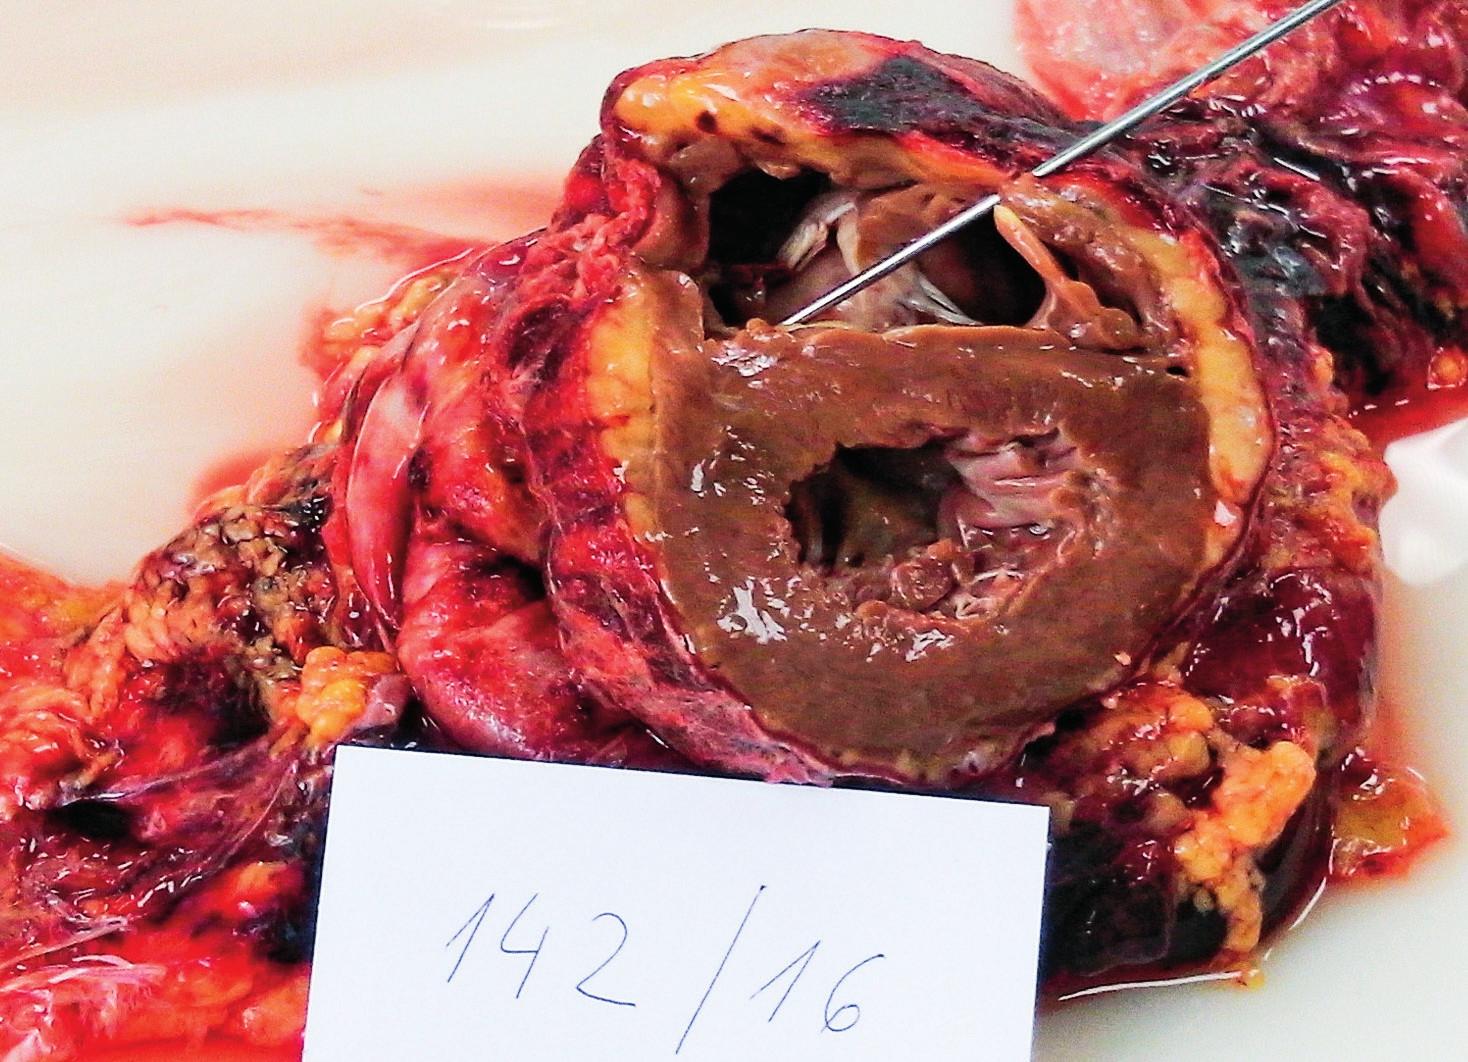 Kazuistika 2 – pitevní nález lacerace pravé komory srdeční